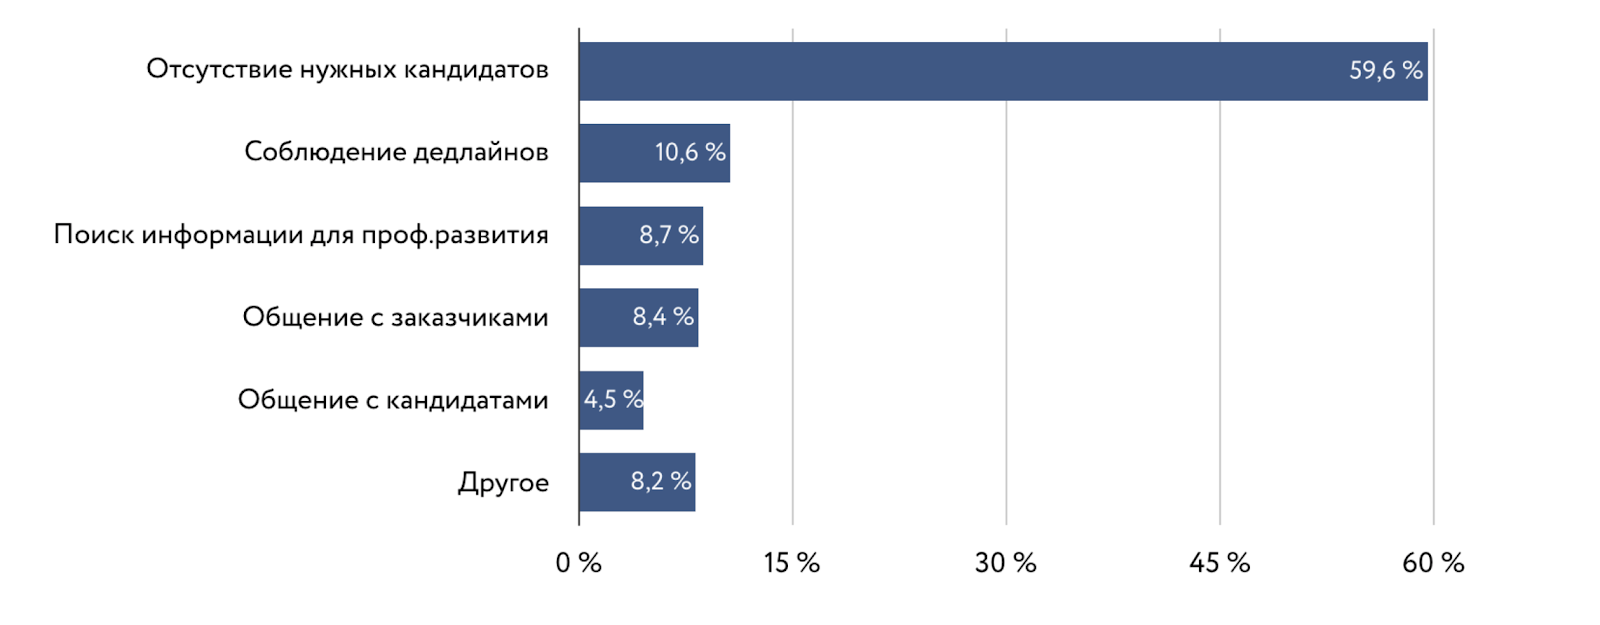 Статистика сложностей работы рекрутера